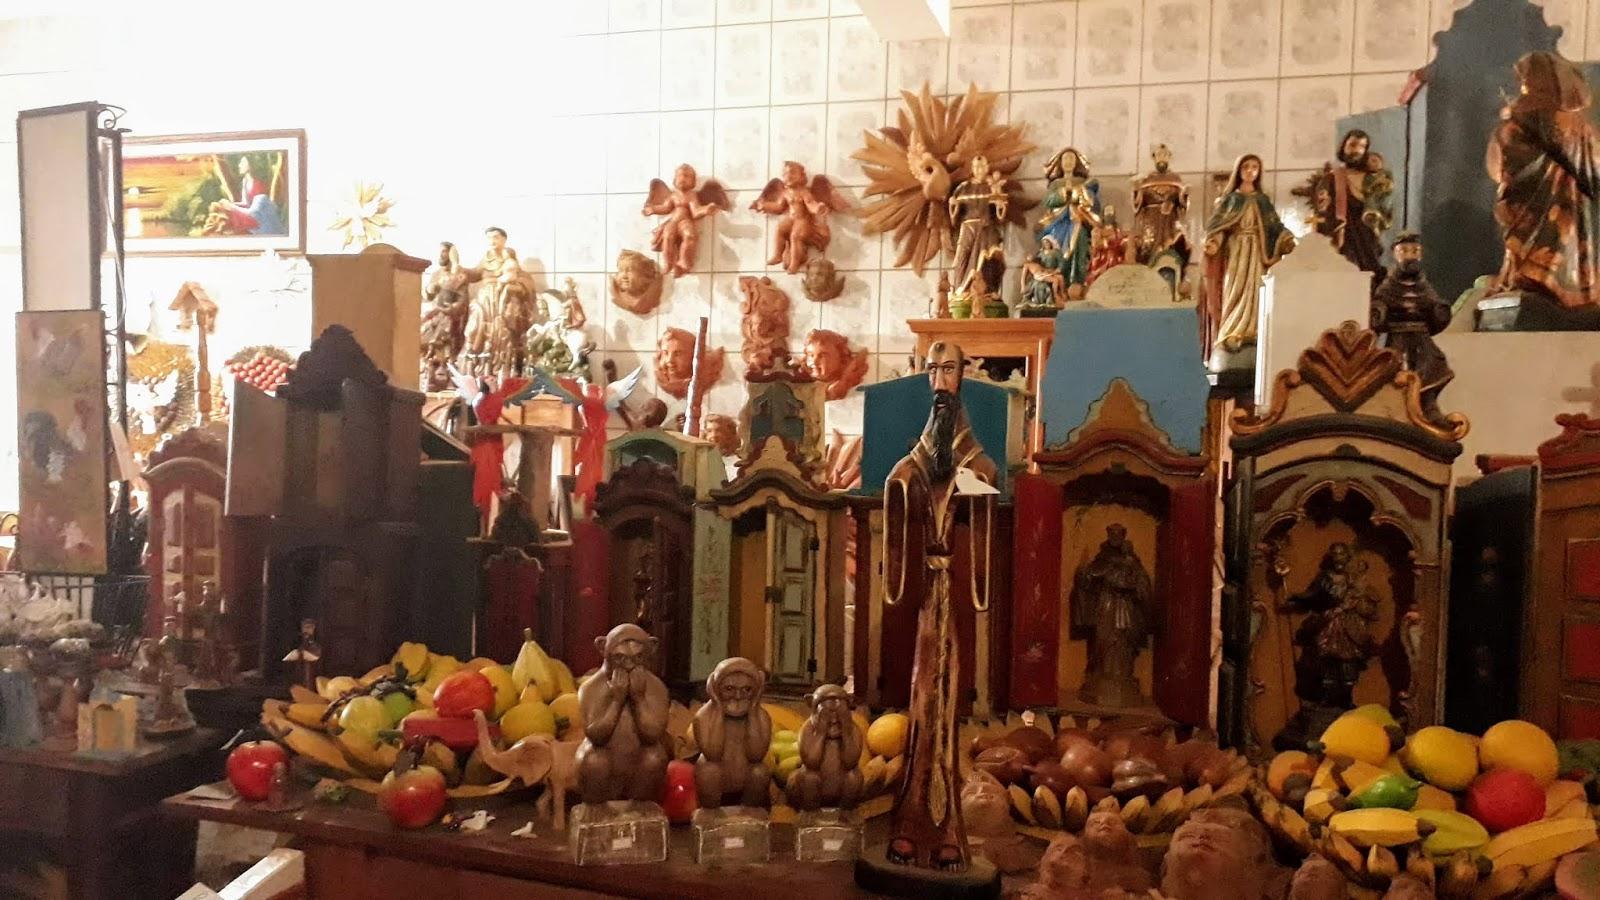 Loja de artesanato de Prados - senhor Eurico